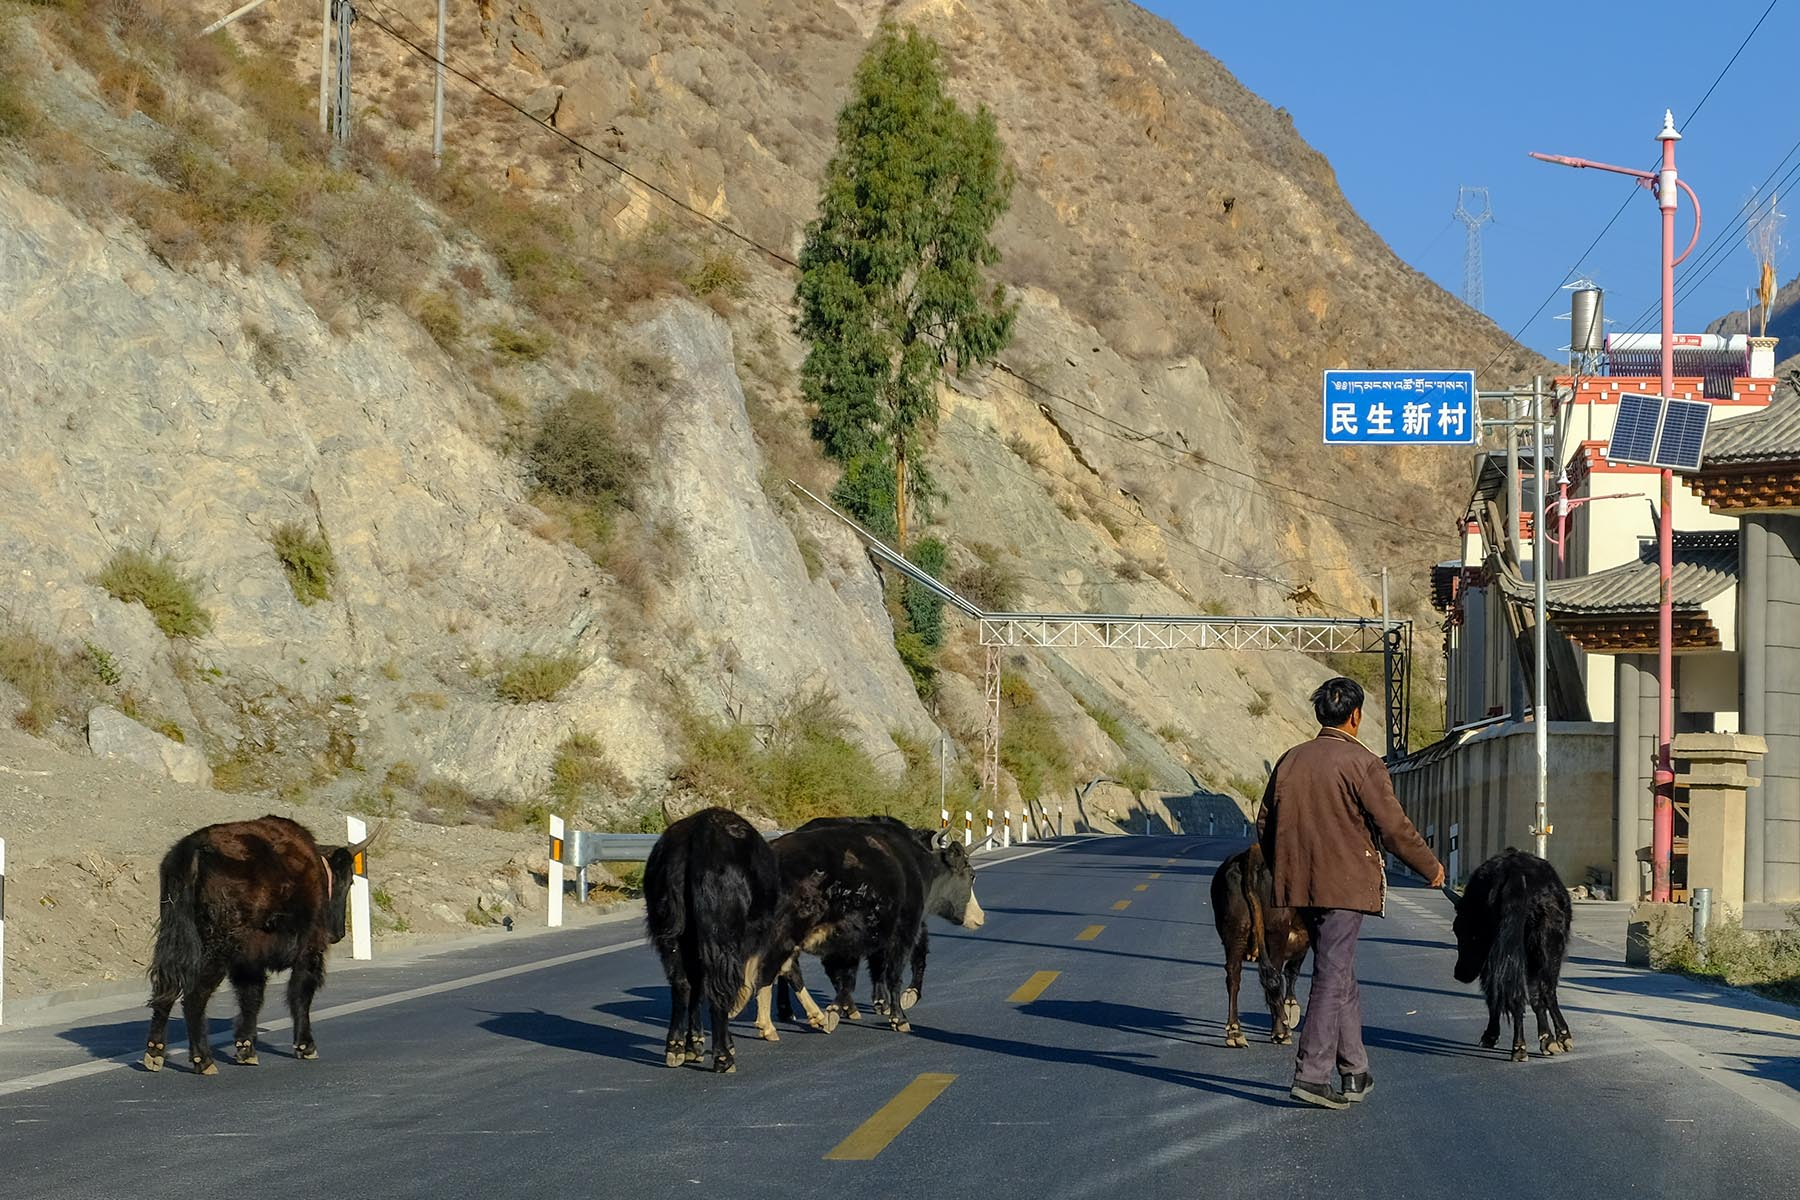 Kühe auf der Straße in Yunnan, China im Herbst